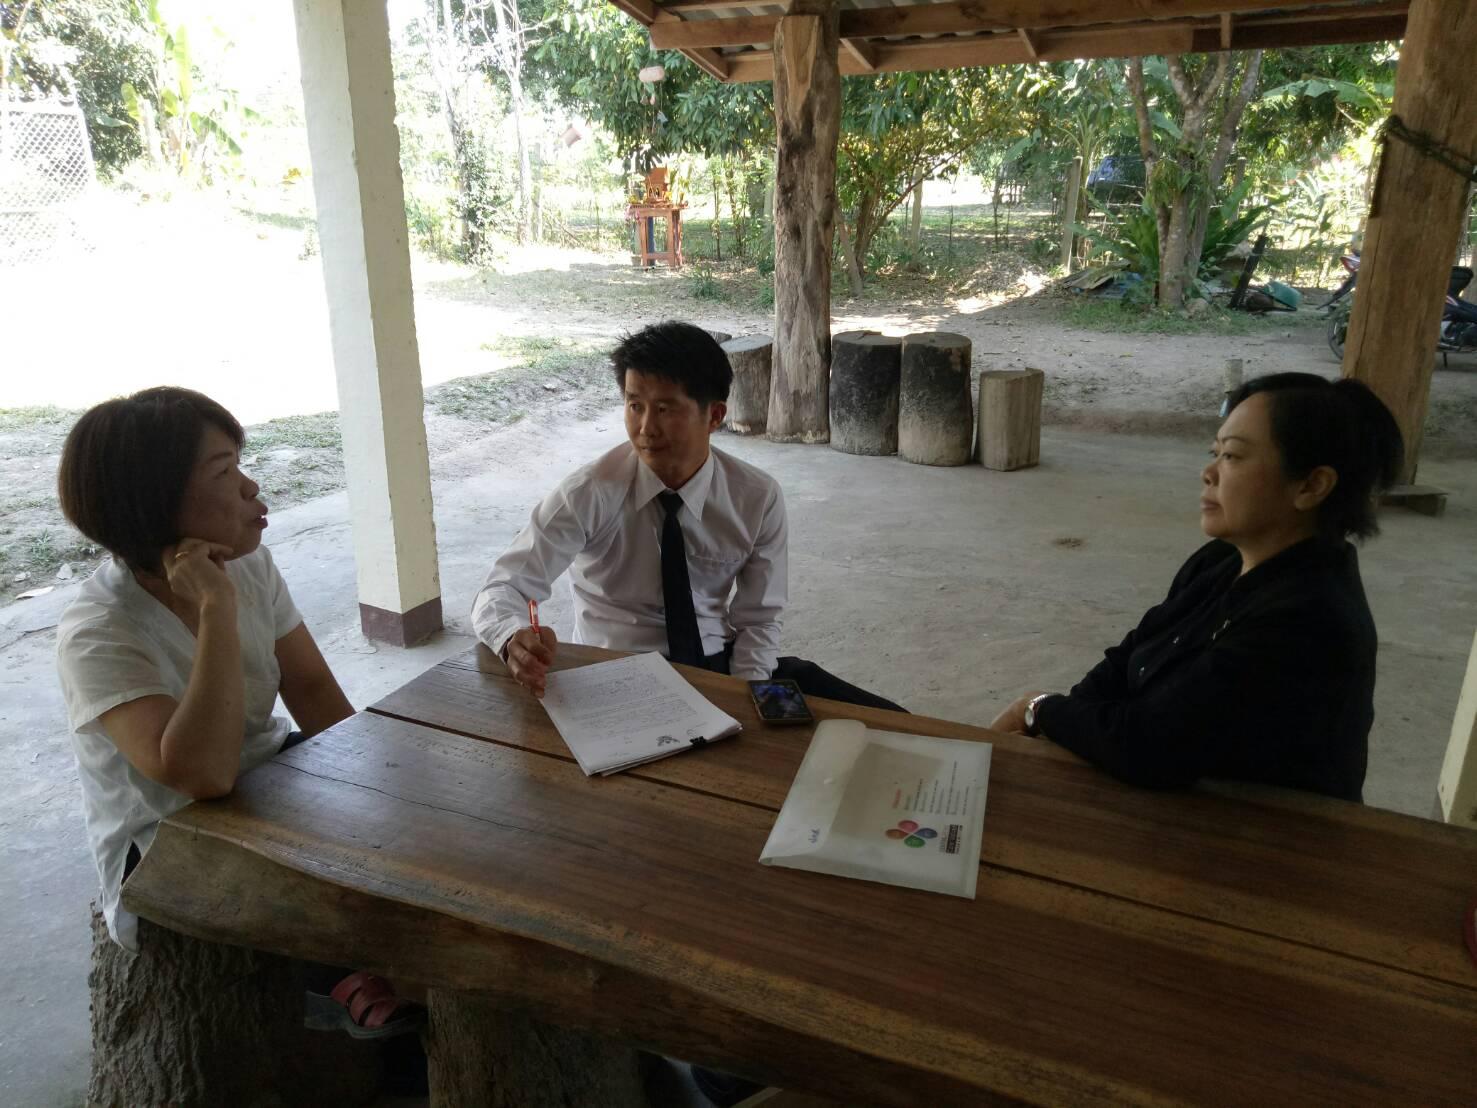 ตรวจสอบกรณี บริษัท ปูนซิเมนต์ไทย (ลำปาง) จำกัด แจ้งขอใช้สิทธิ ตามมาตรา 35